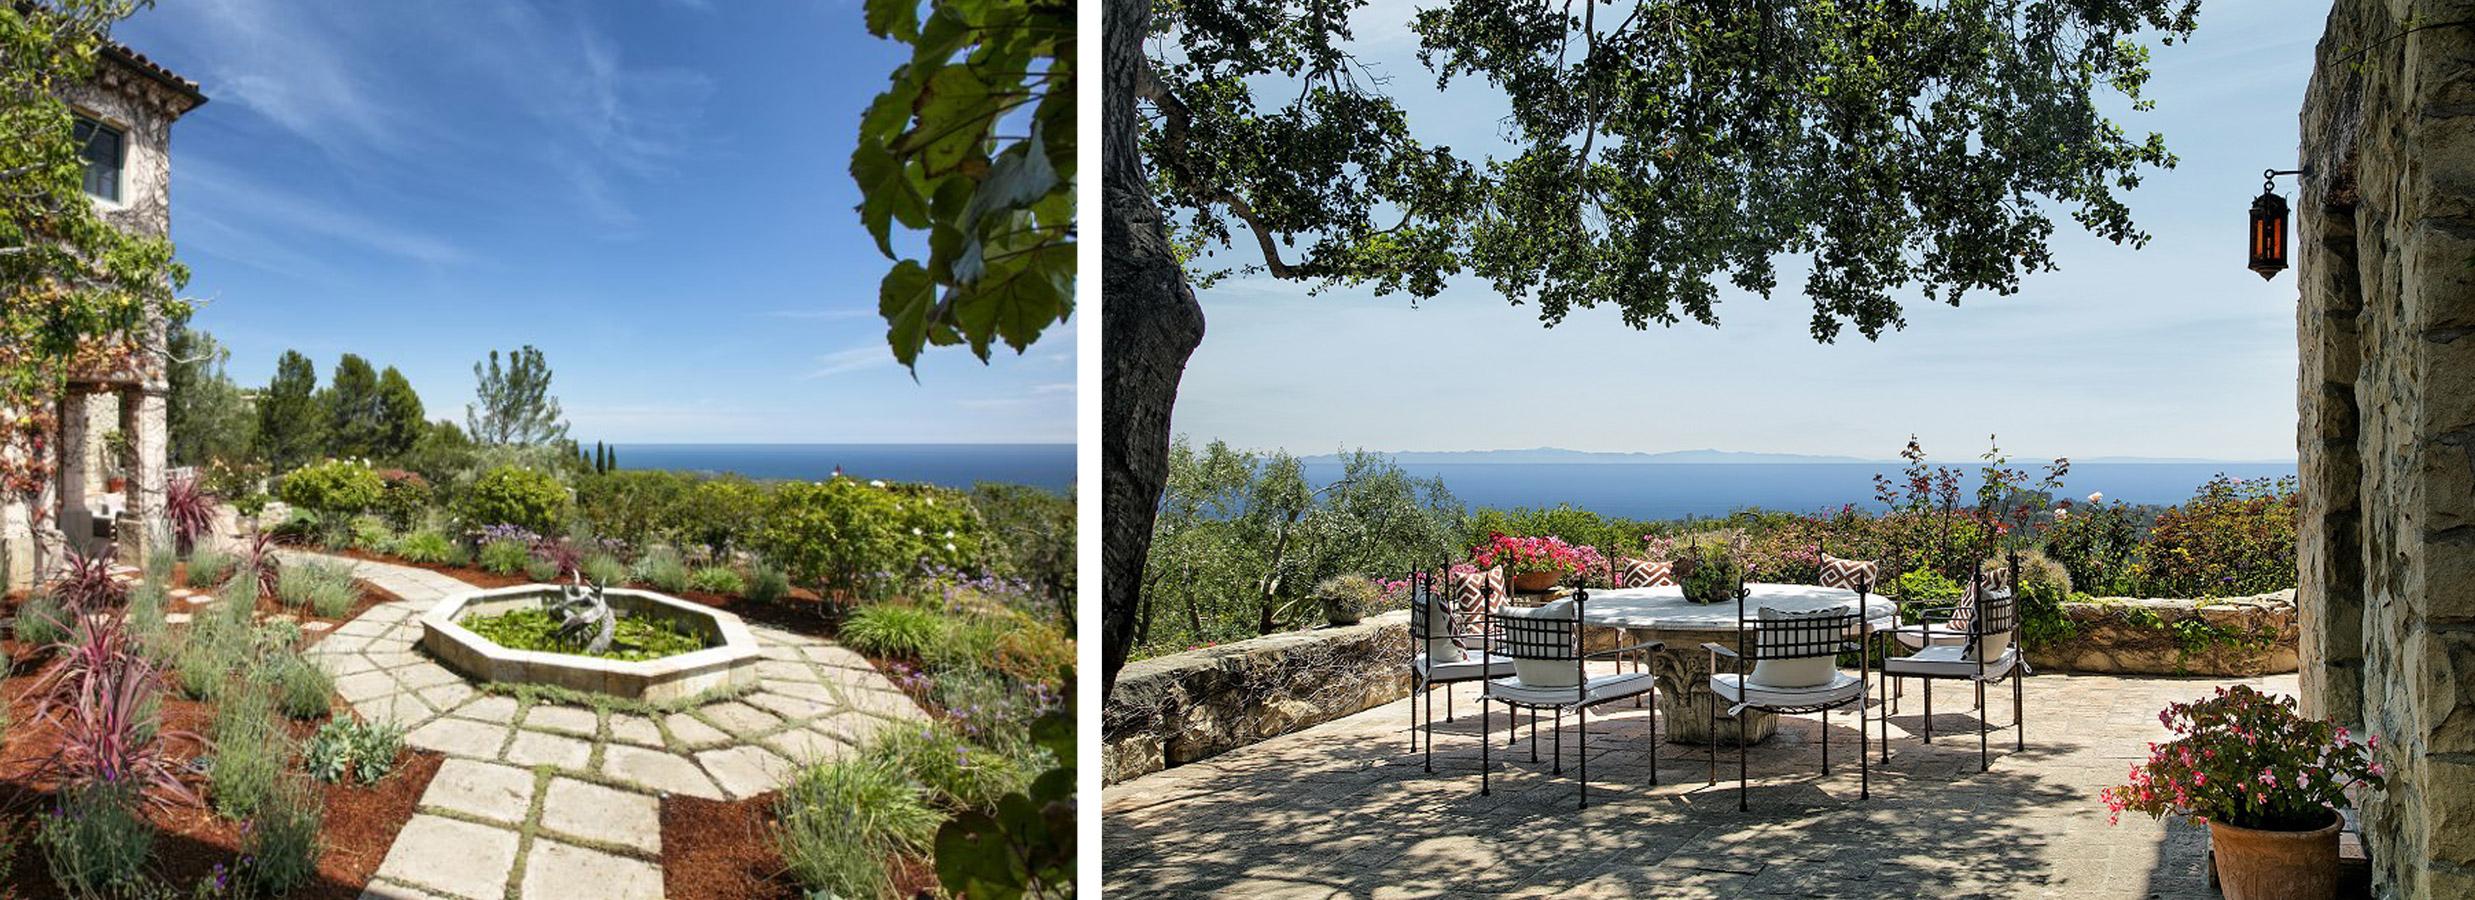 Loggin-Montecito-patio-1.jpg